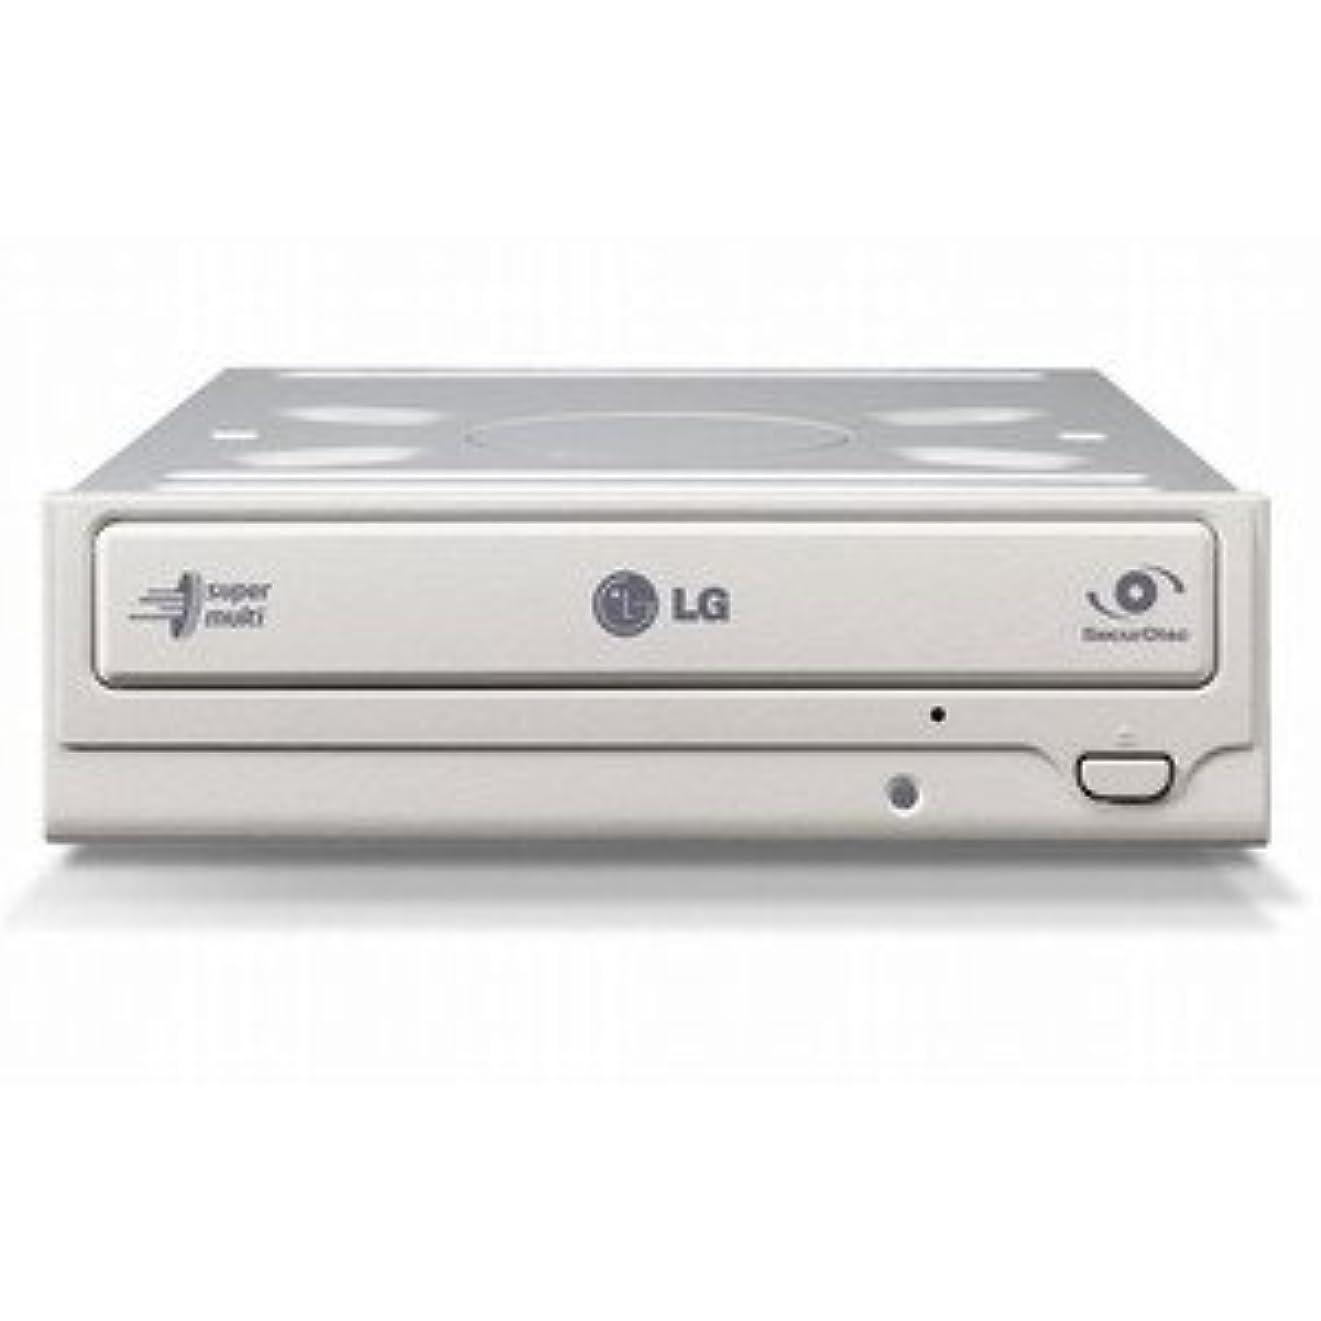 戸口ダースエンドウKEIAN LG電子 S-ATA 内蔵スーパーマルチドライブ ホワイトベゼル&ソフト付 GH24NS70 WH BLK